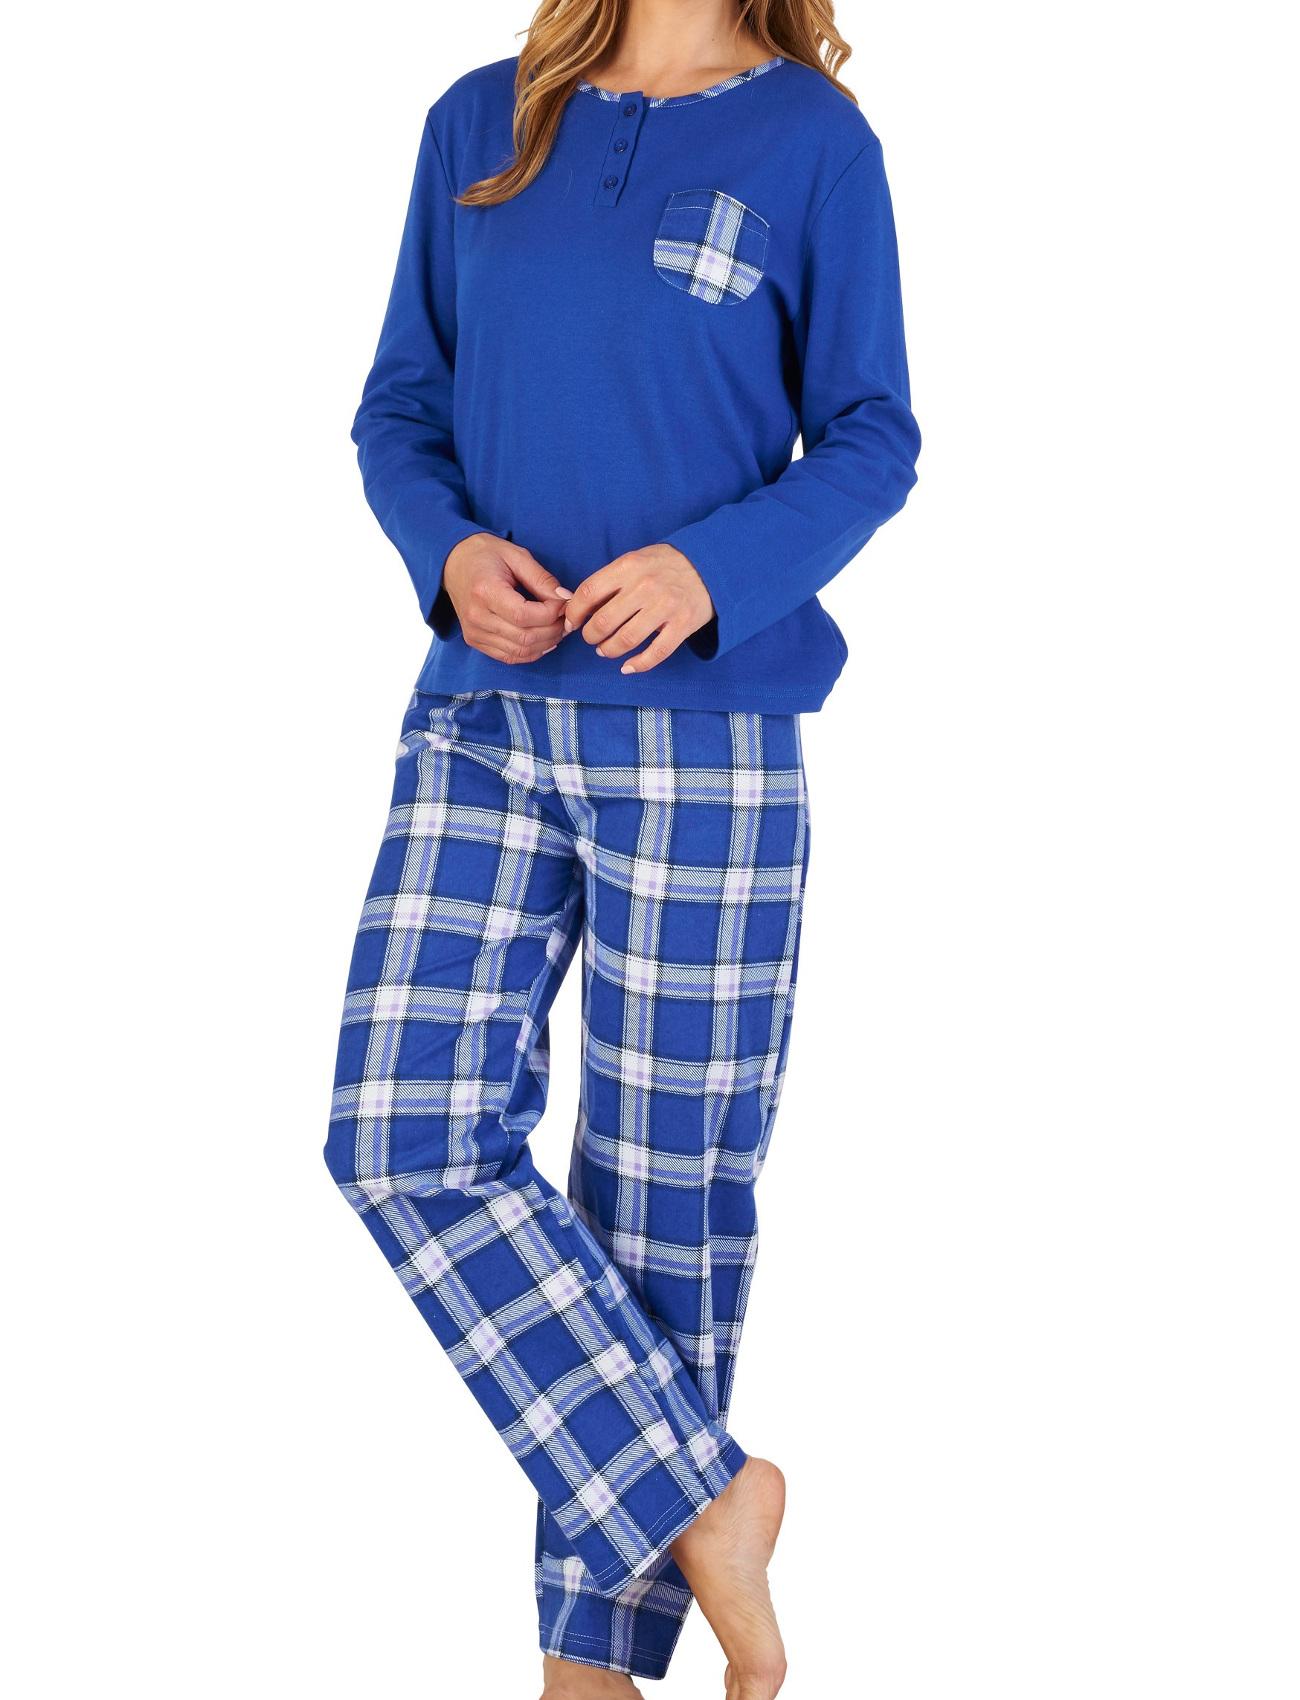 47099d5c7f6f5 Femmes Slenderella Coton Écossais Pyjama Uni Haut Jersey & à ...